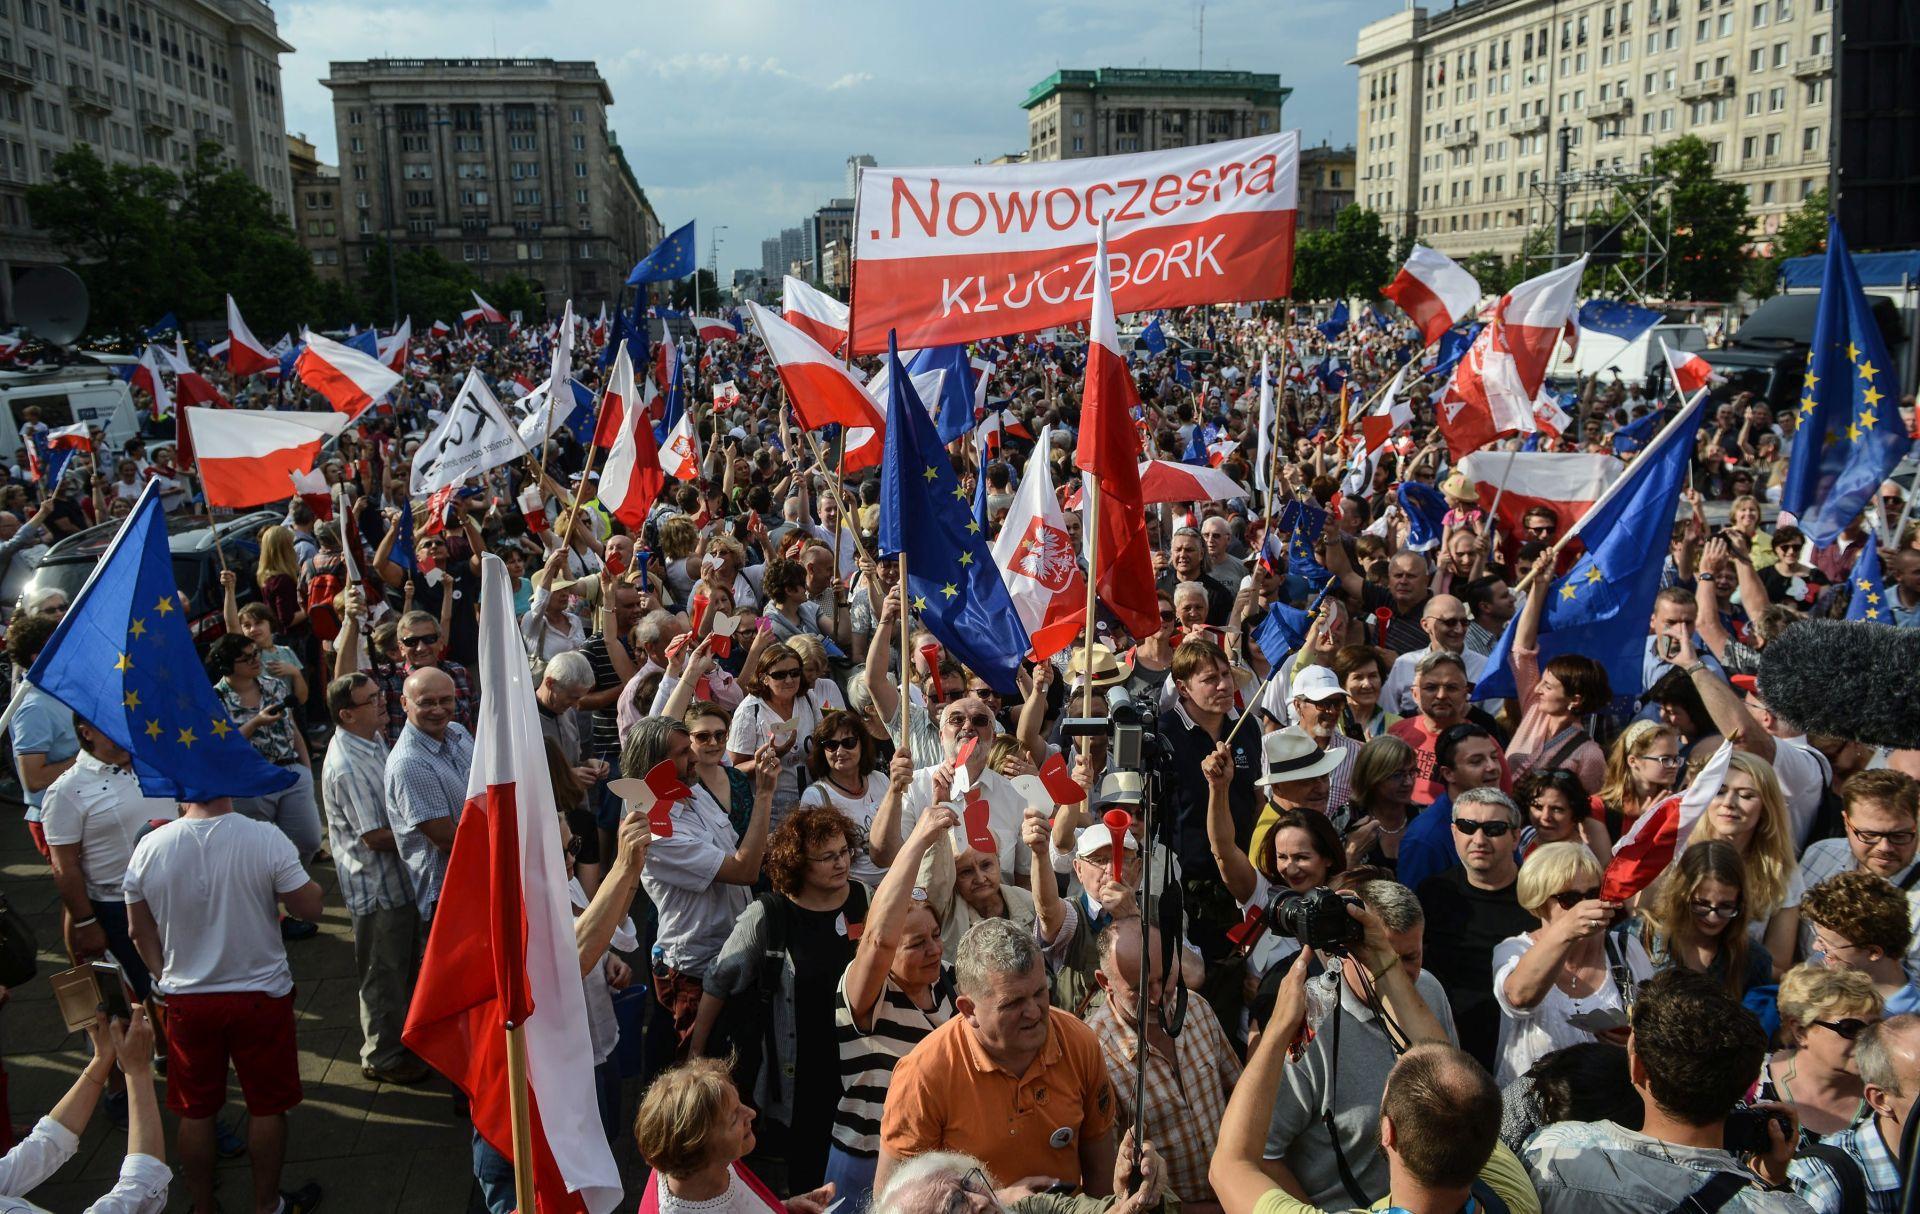 PROSVJEDI PROTIV VLADE: Poljaci obilježili Dan slobode